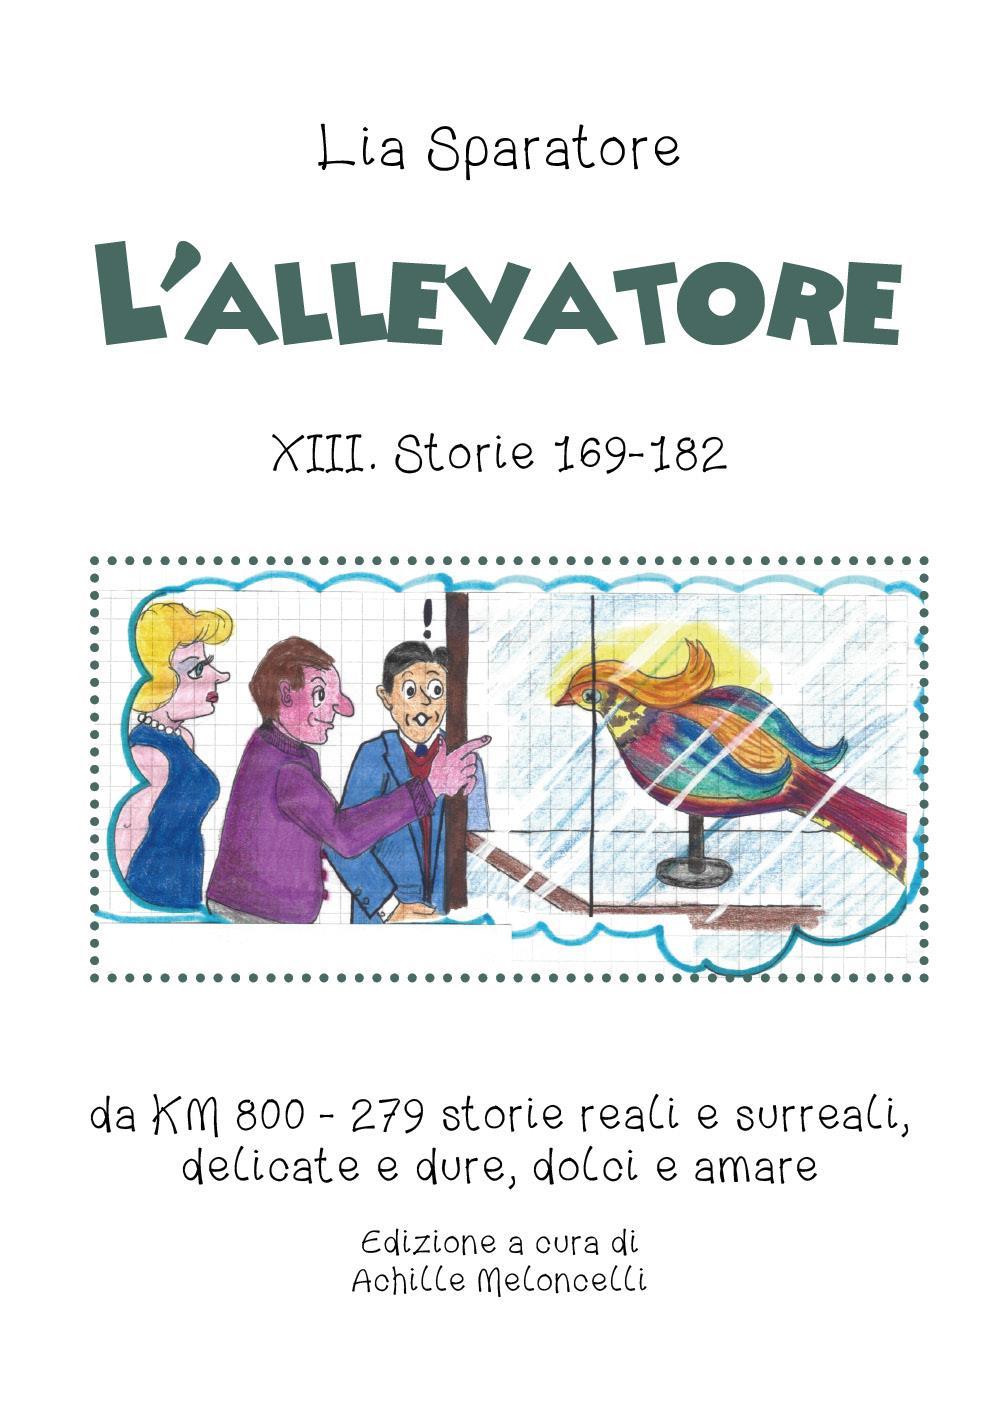 L'allevatore XIII. Storie 169-182, da KM 800 - 279 storie reali e surreali, delicate e dure, dolci e amare